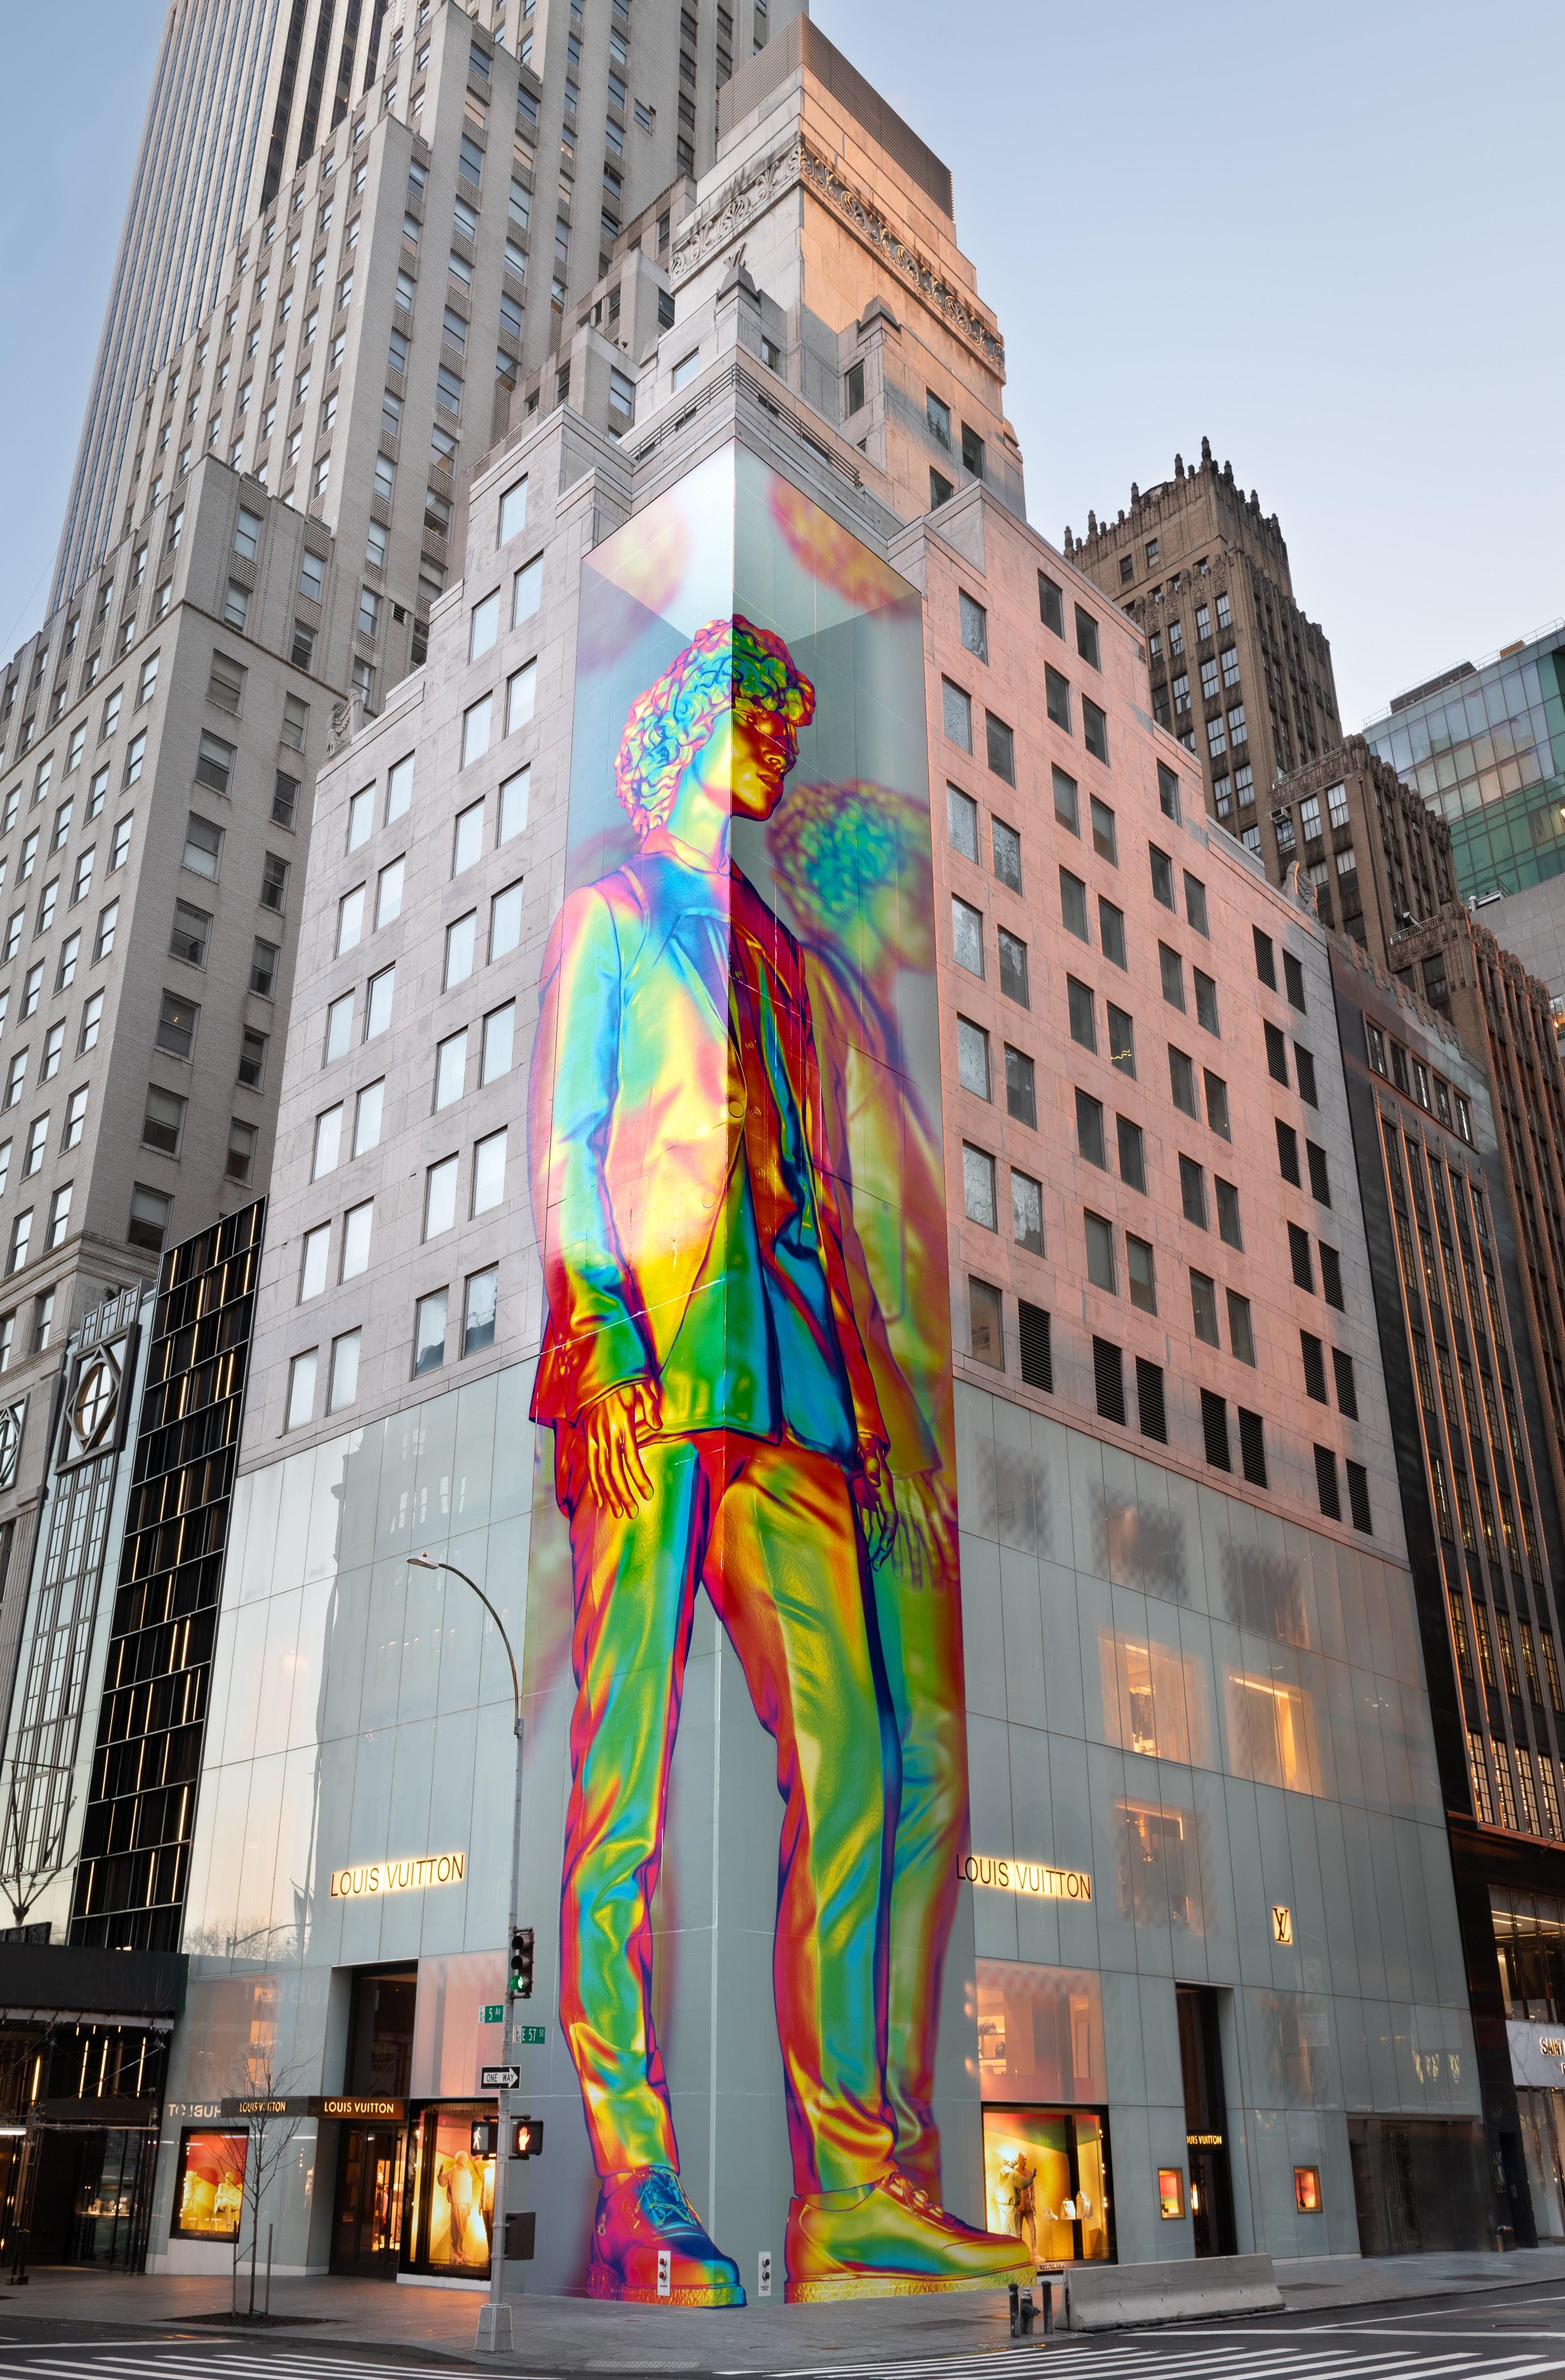 A instalação da Louis Vuitton em homenagem a Virgil Abloh na Quinta Avenida, em Nova York (Foto: Louis Vuitton / Ricky Zehavi )